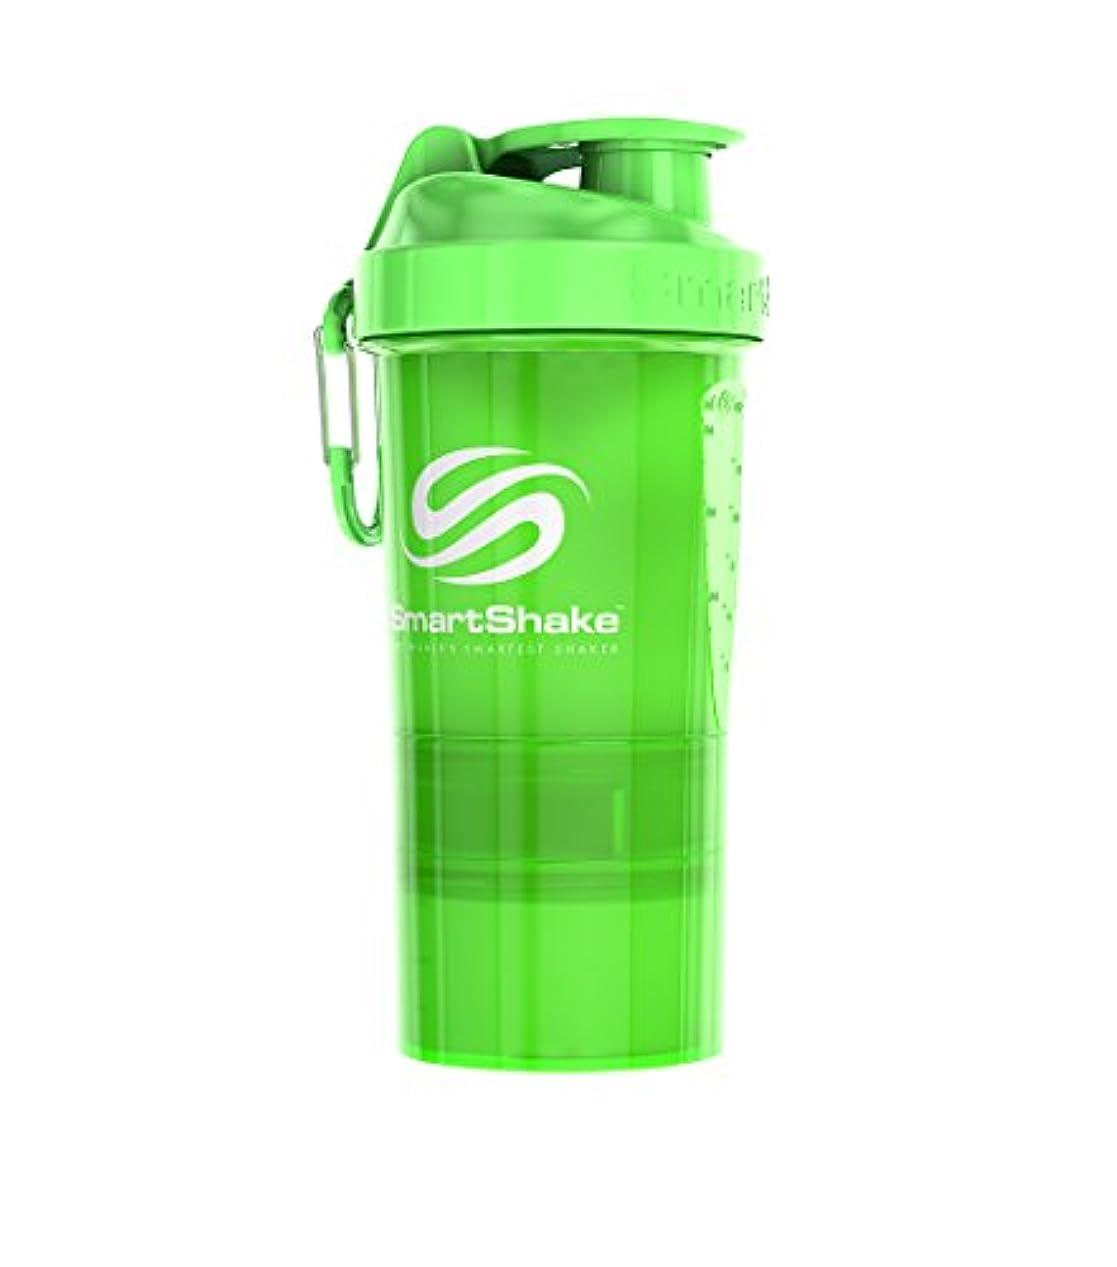 絶望独占ブラウスSmartShake(スマートシェイク) プロテインシェイカー SmartShake NEON Green